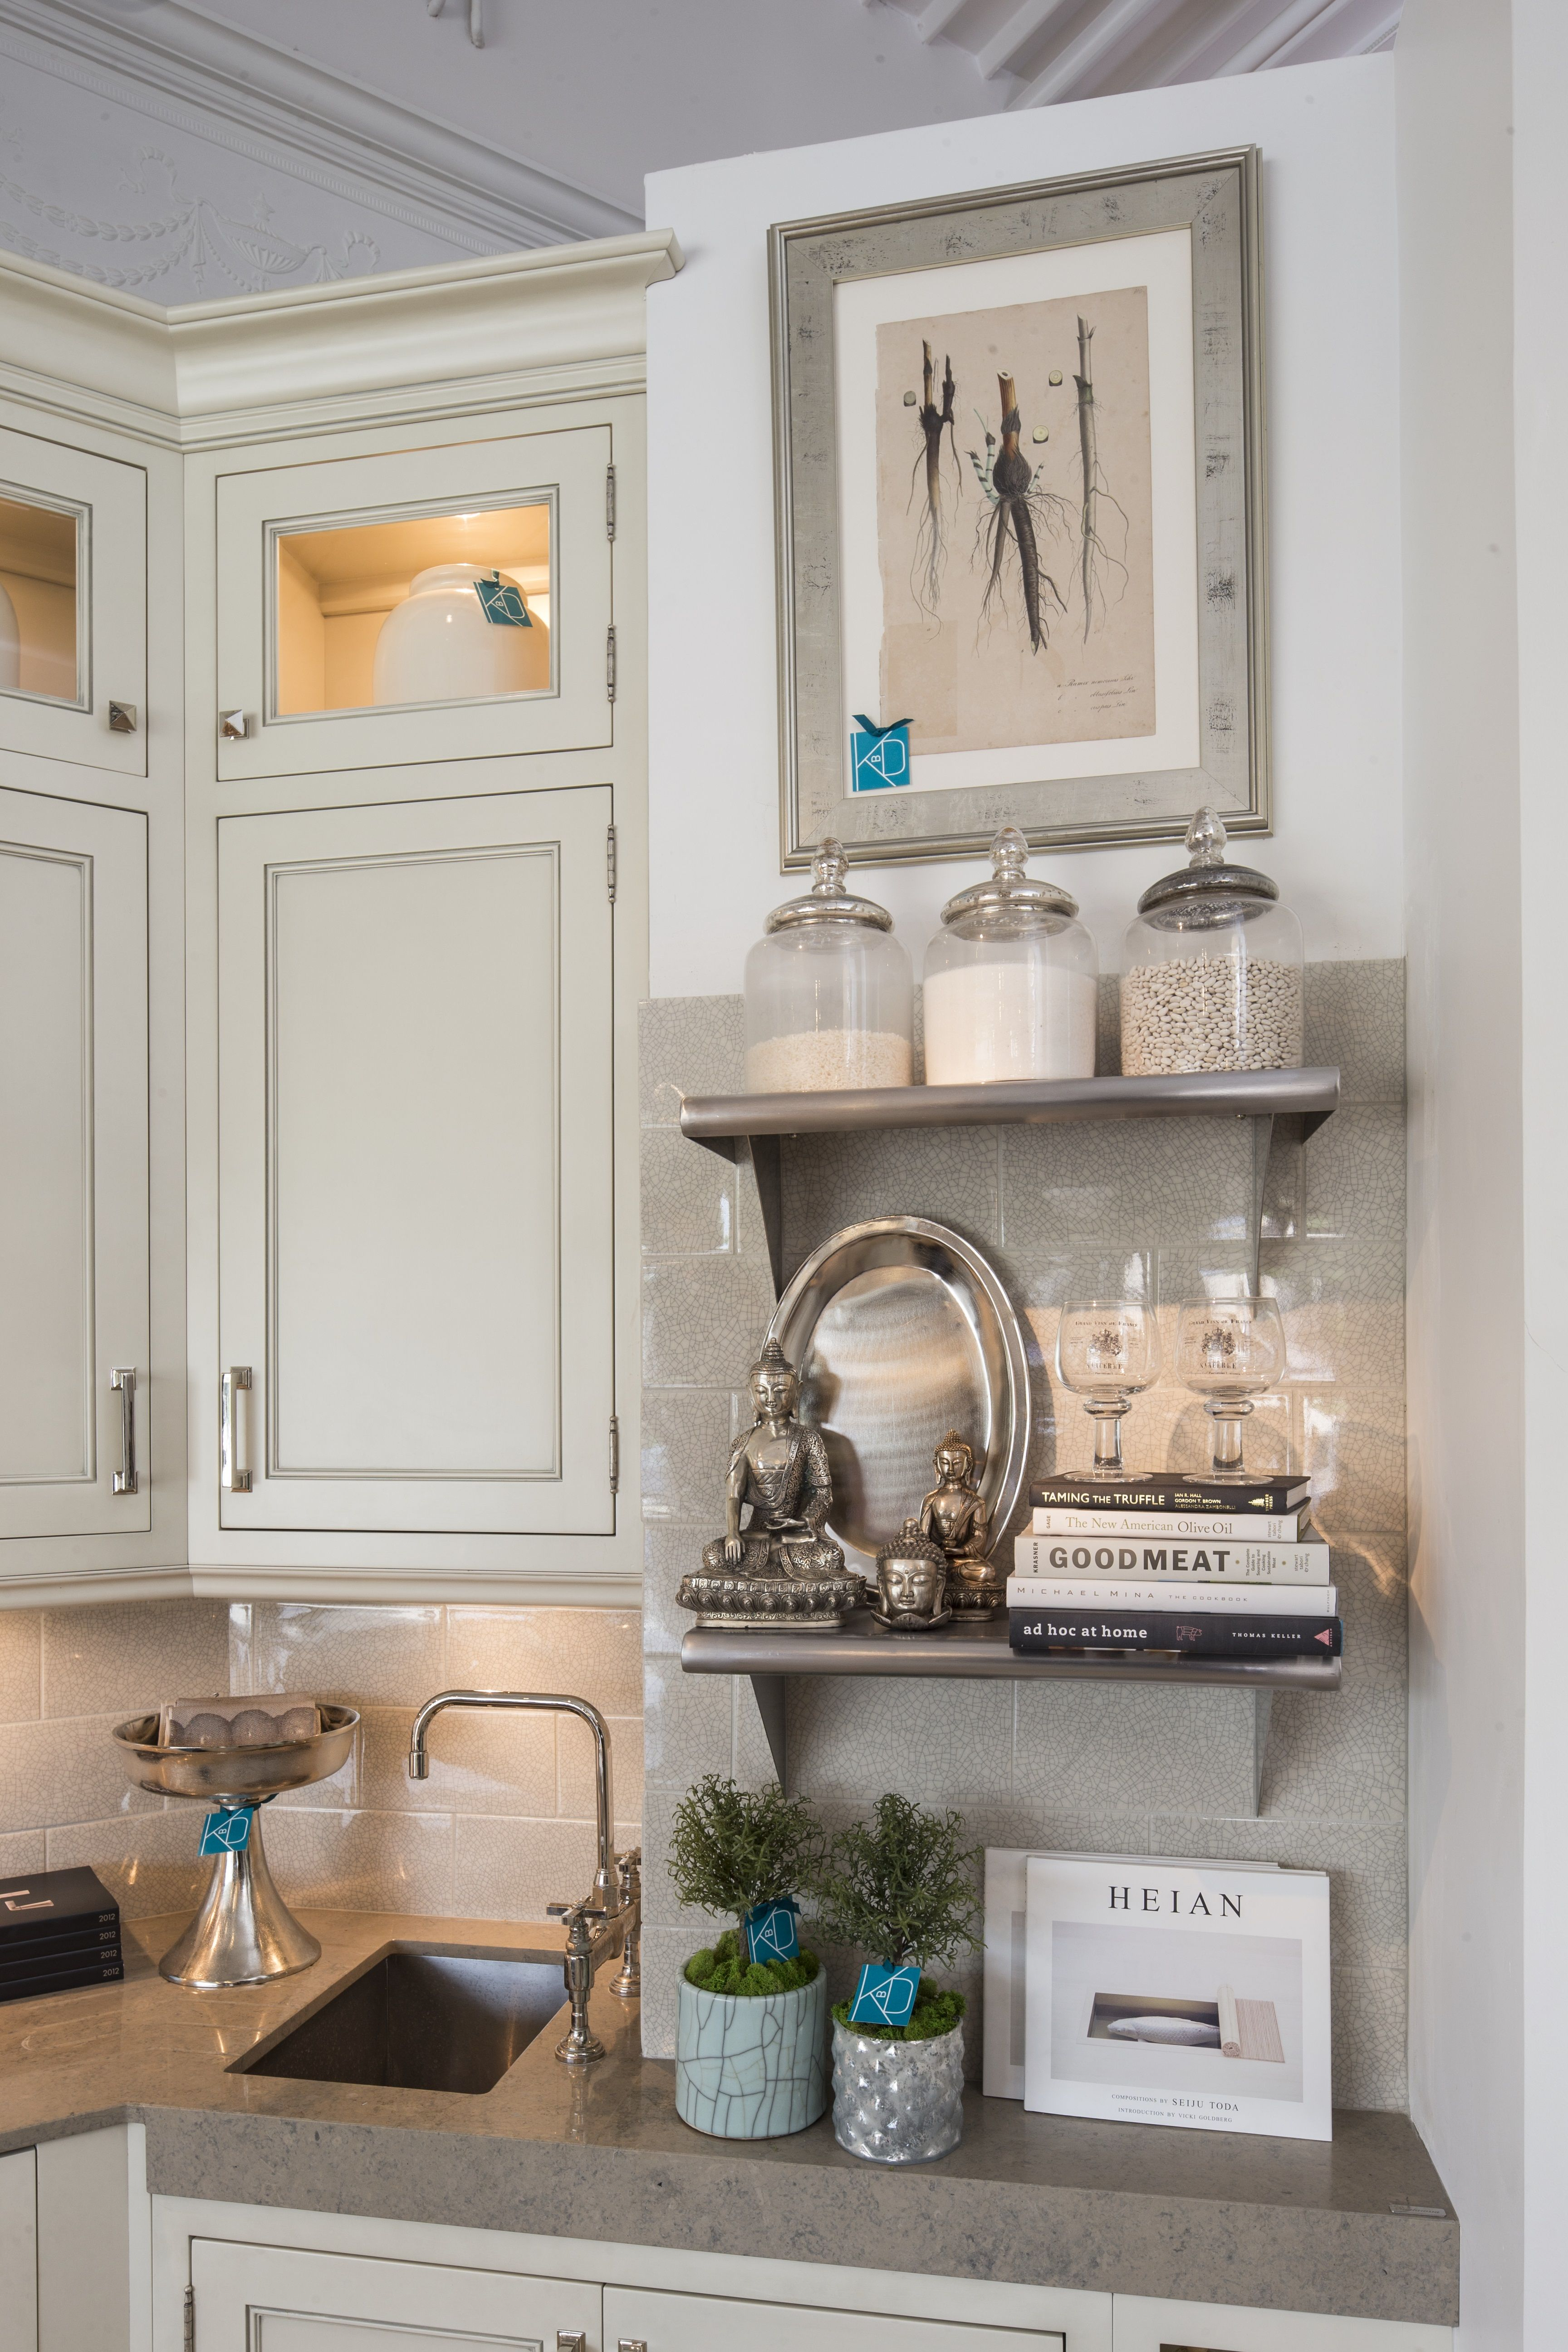 Elegant Kitchen Display - Accessories - Interior Design - Kitchens By Design Showroom